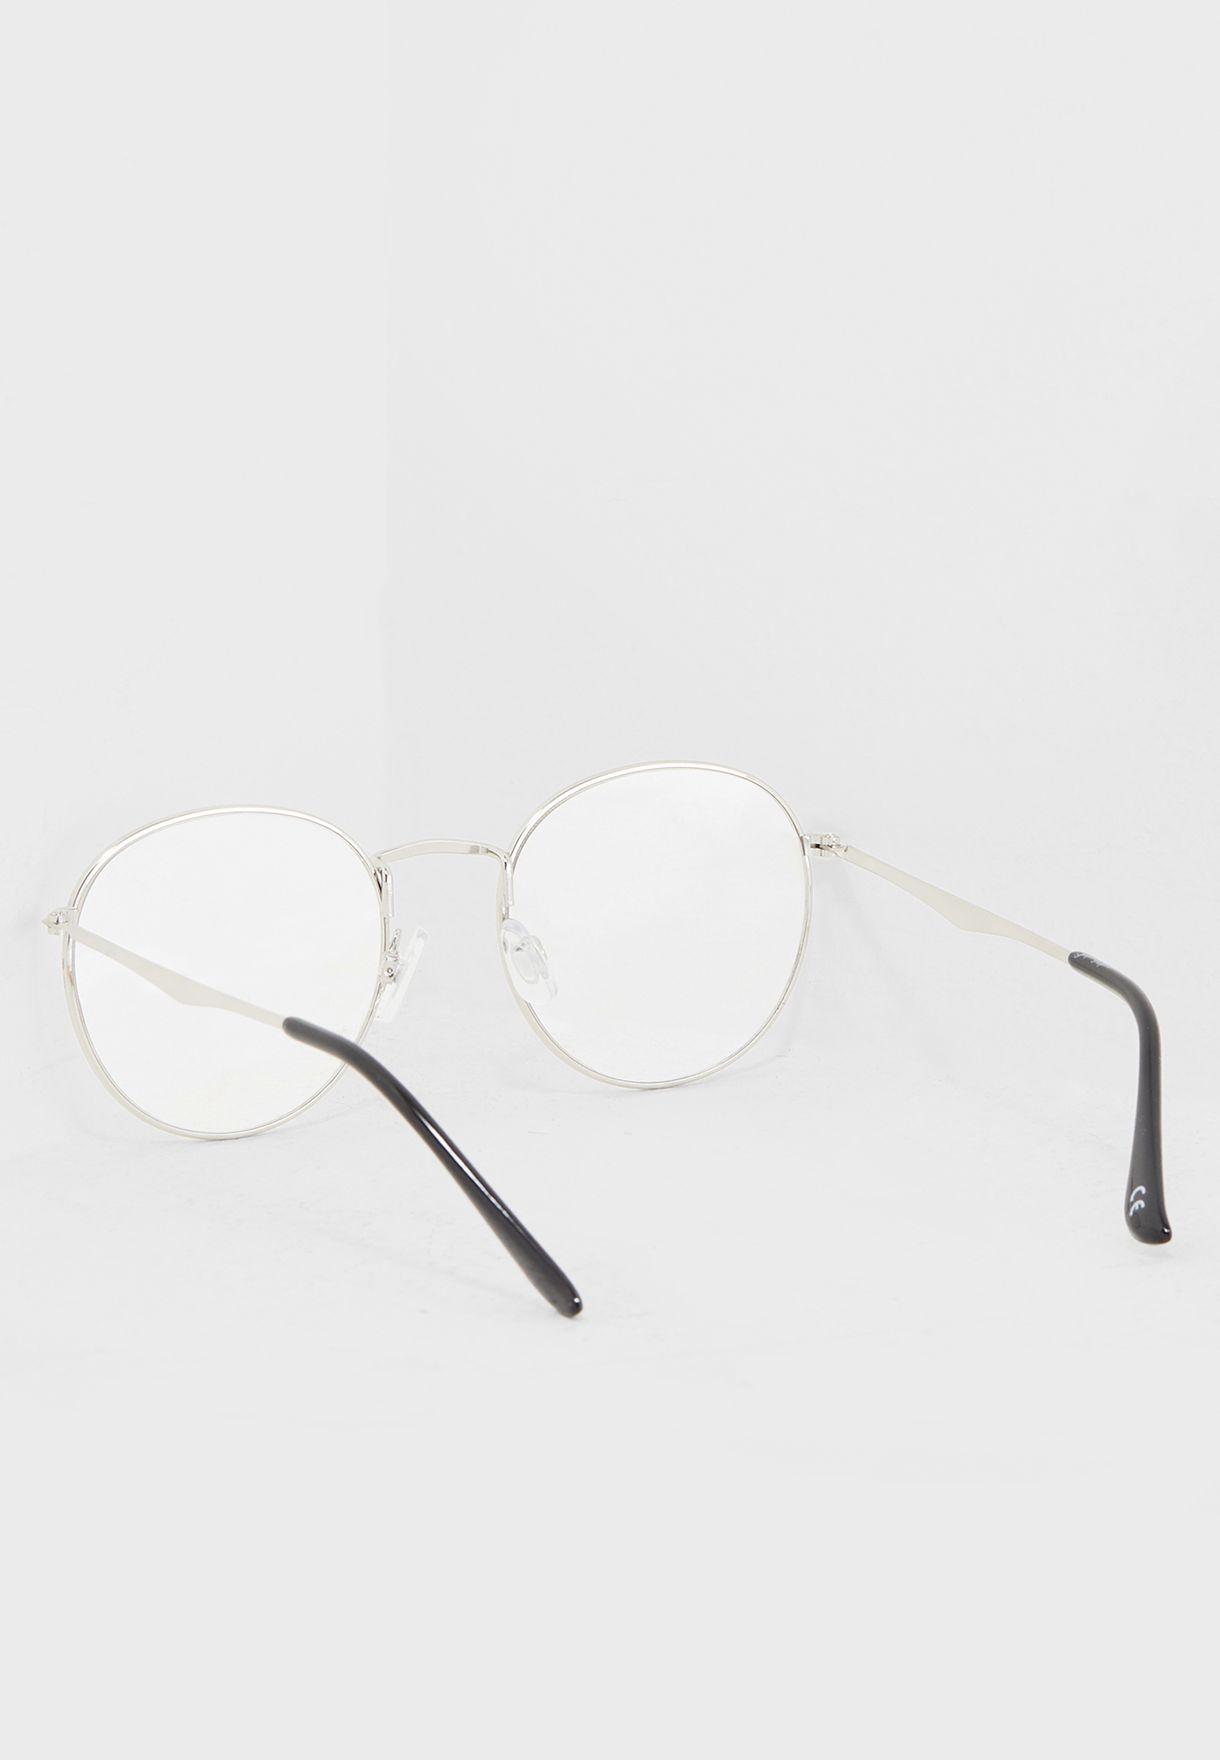 نظارات دائرية شفافة